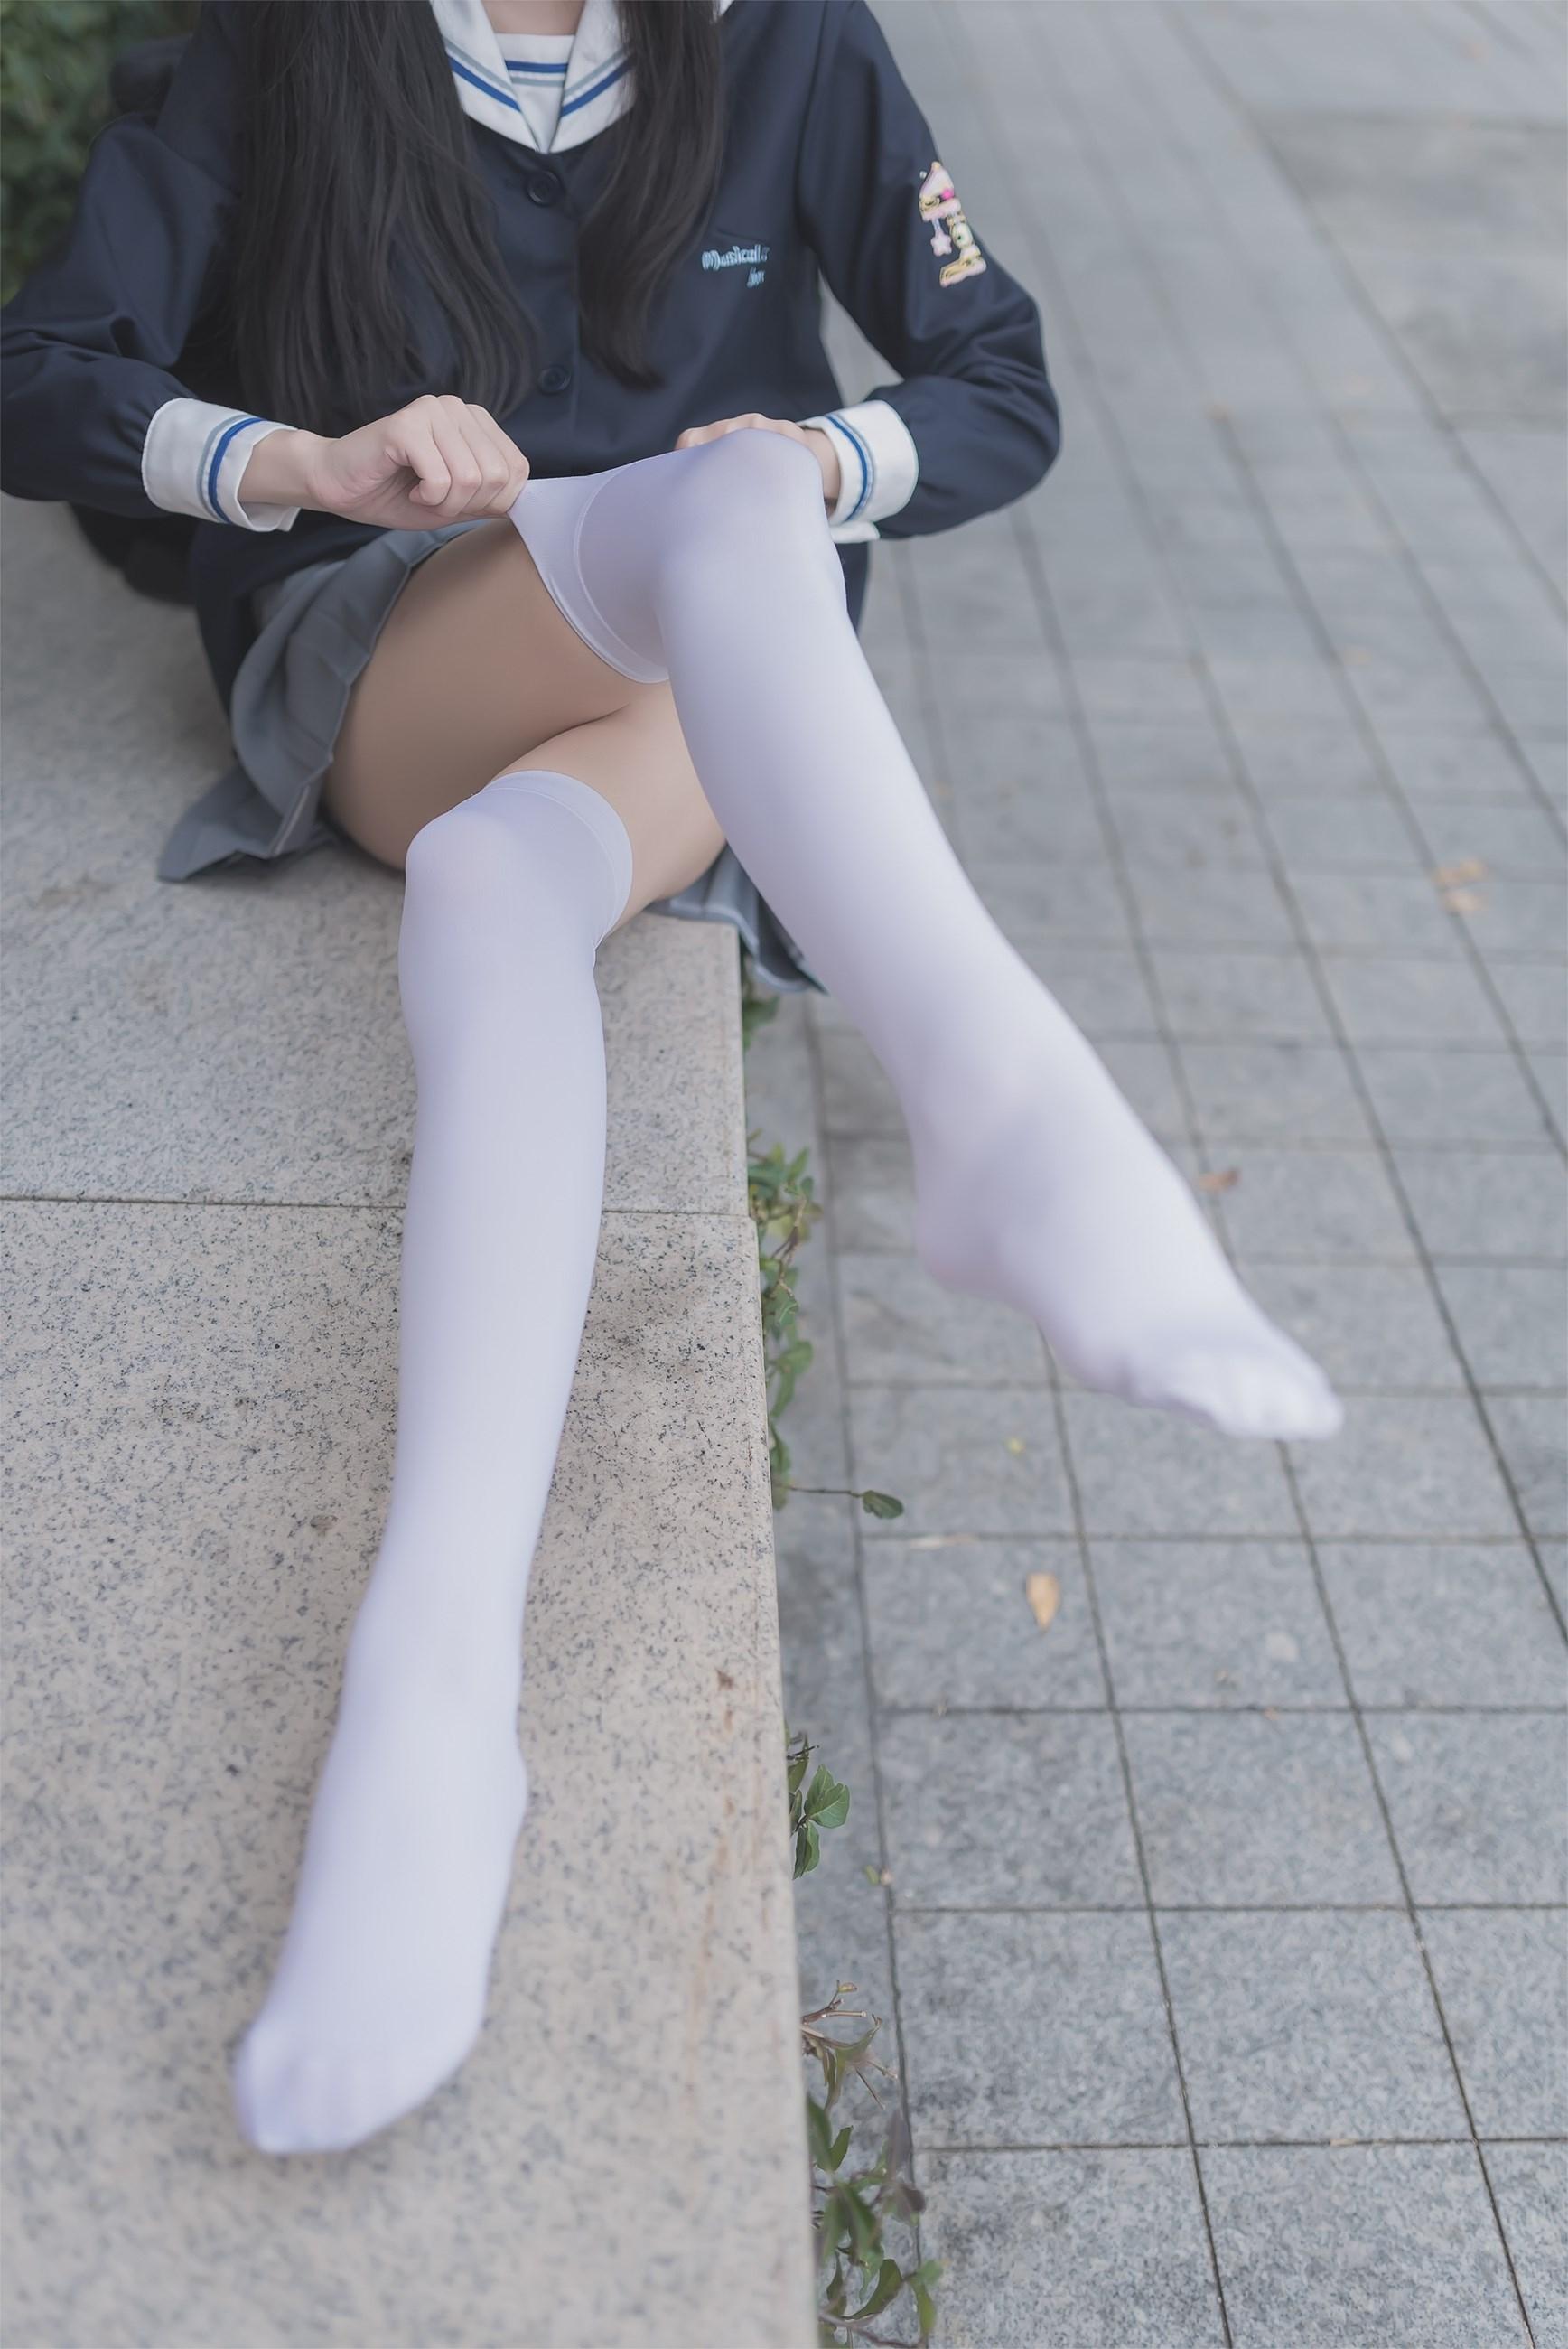 【兔玩映画】黑丝和白丝,你更喜欢哪个? 兔玩映画 第5张